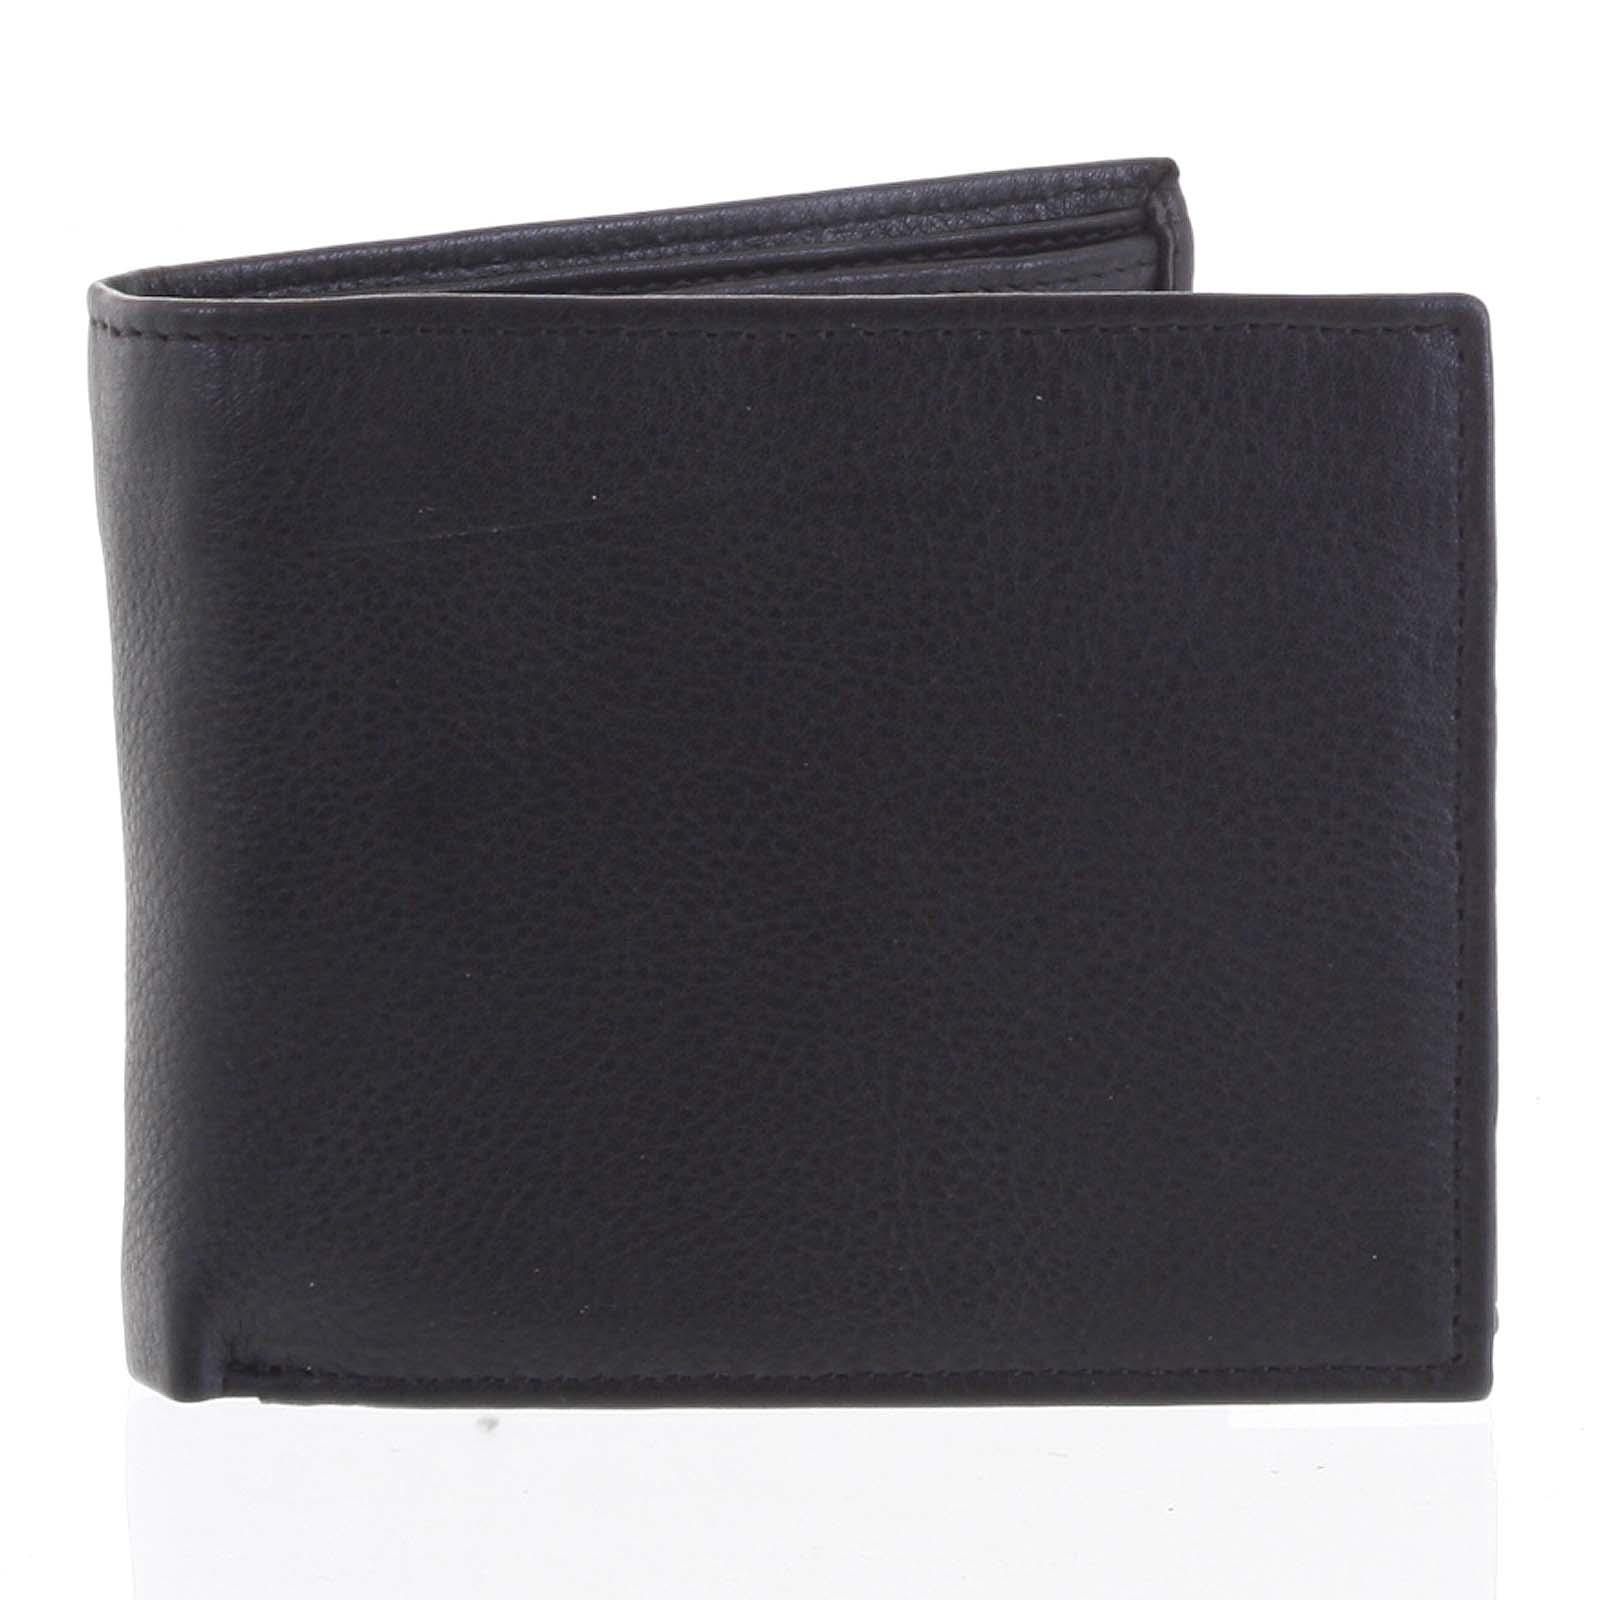 Prostorná pánská kožená černá peněženka - Tomas Vilaj